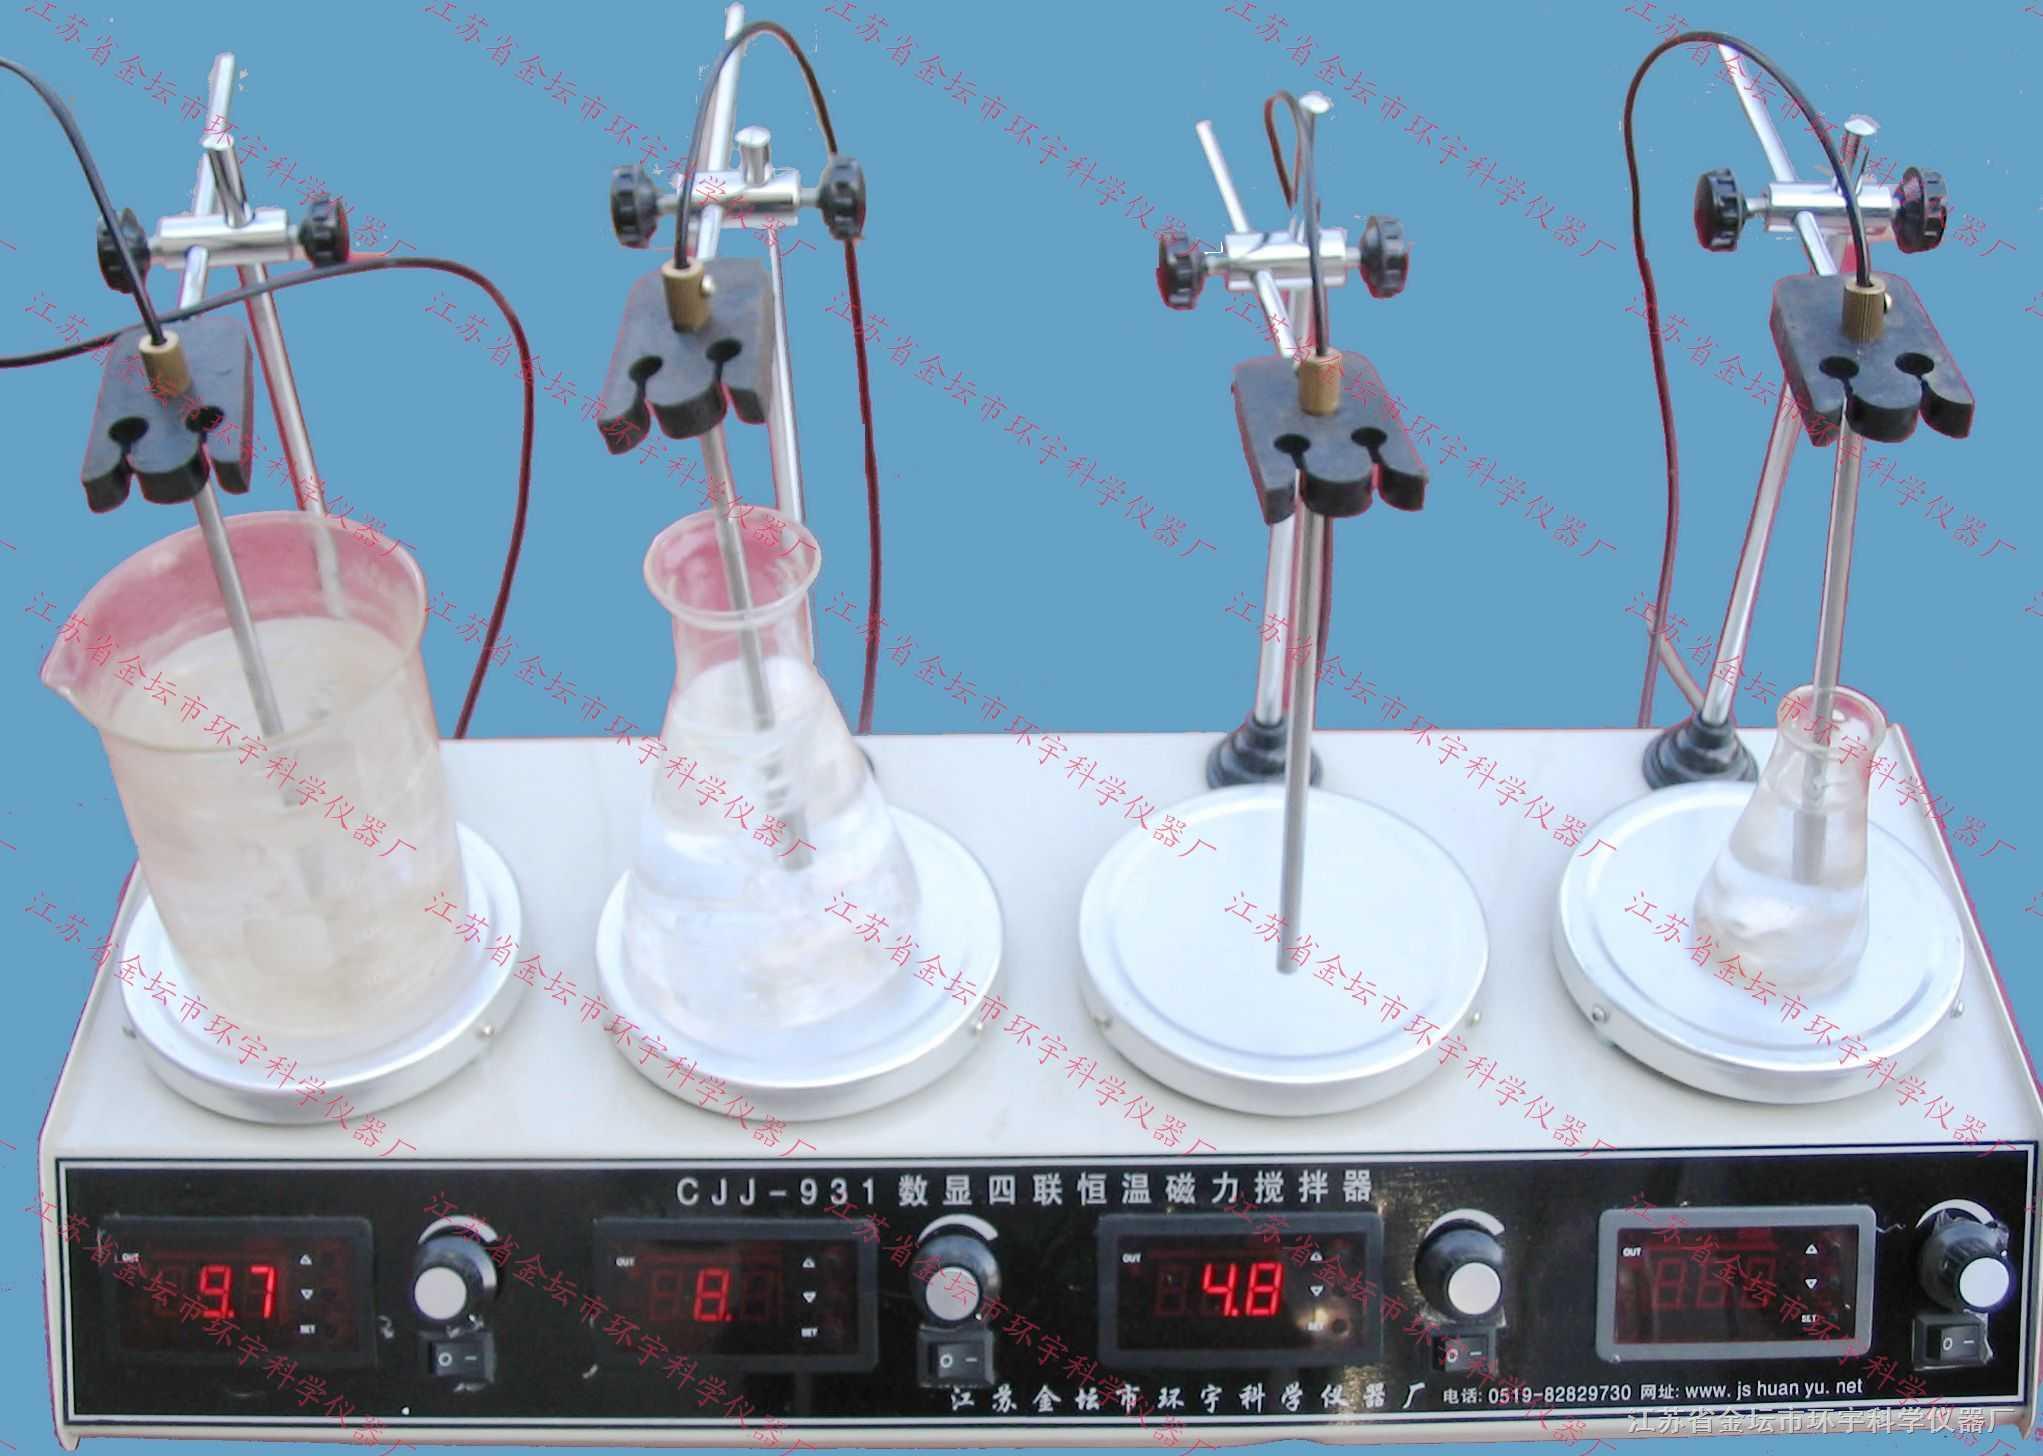 CJJ-931系列数显恒温磁力搅拌器